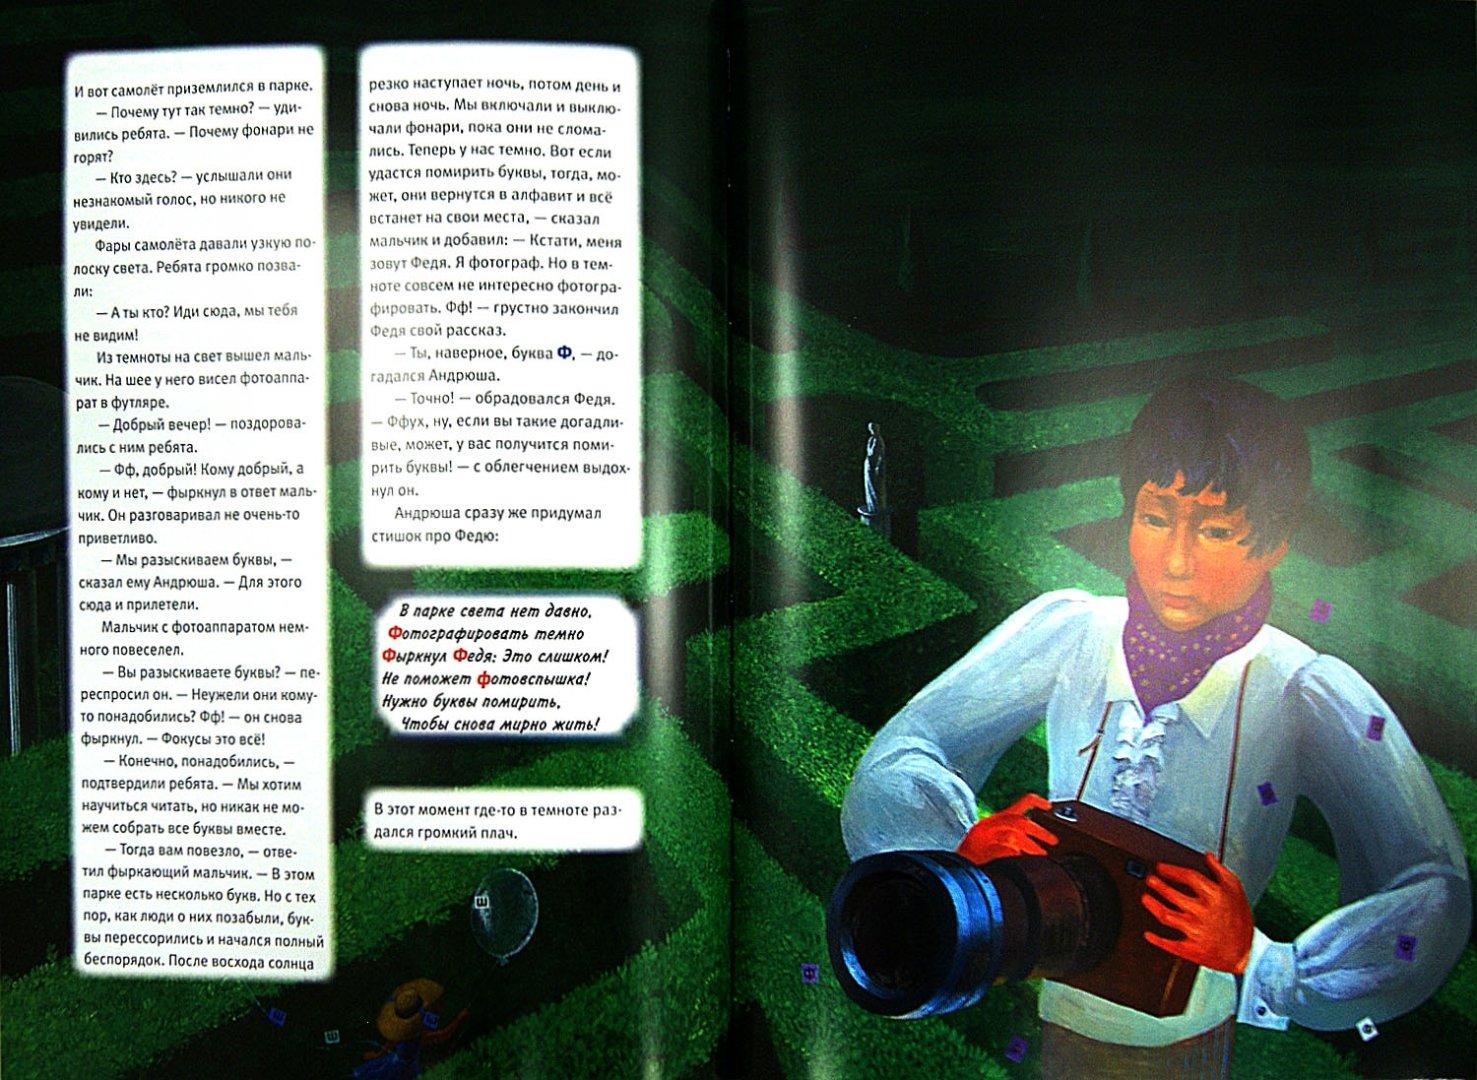 Иллюстрация 1 из 8 для Страна  НЕчиталия (+CD) - Стази, Оноприенко, Проценко | Лабиринт - книги. Источник: Лабиринт